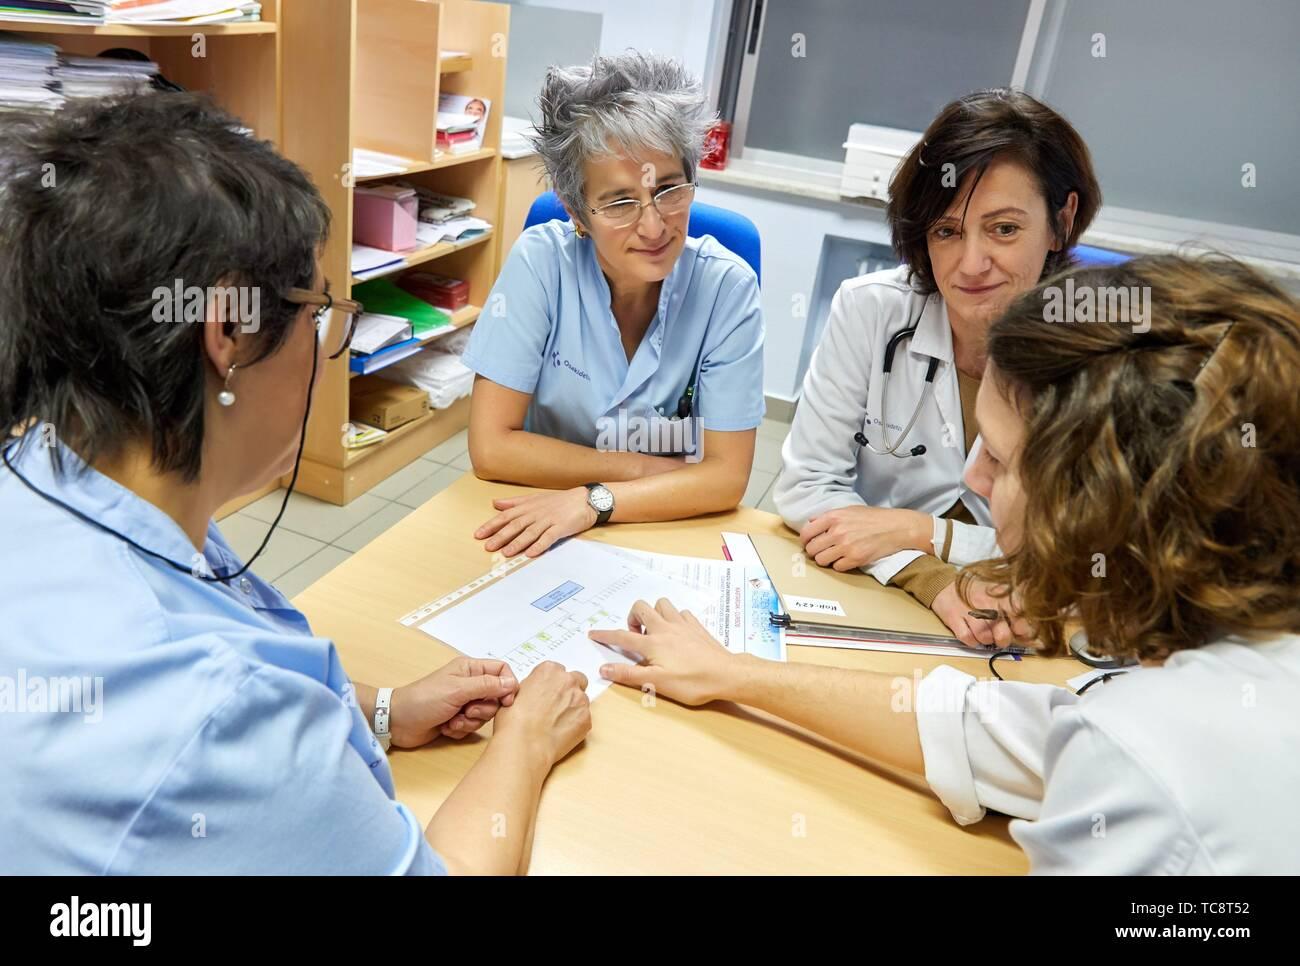 Genetische Beratung, Onkologie, Krankenhaus Donostia, San Sebastian, Gipuzkoa, Baskenland, Spanien Stockbild